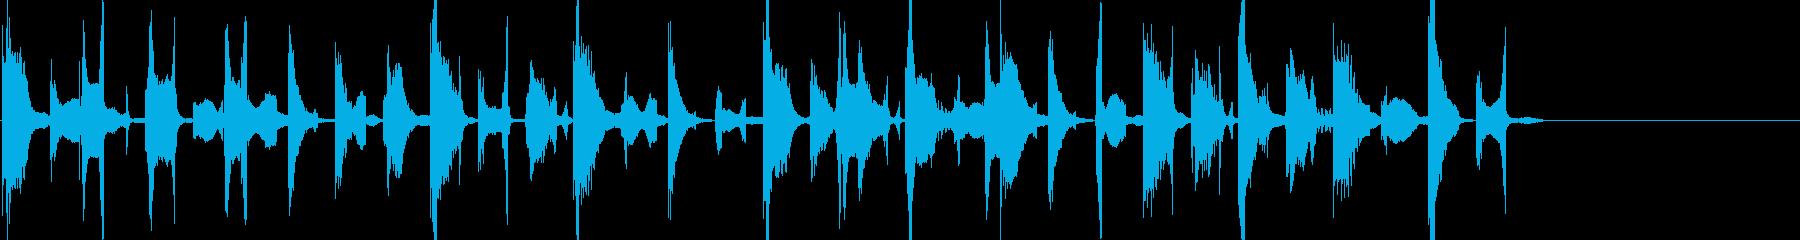 不思議なエレクトロのんの再生済みの波形